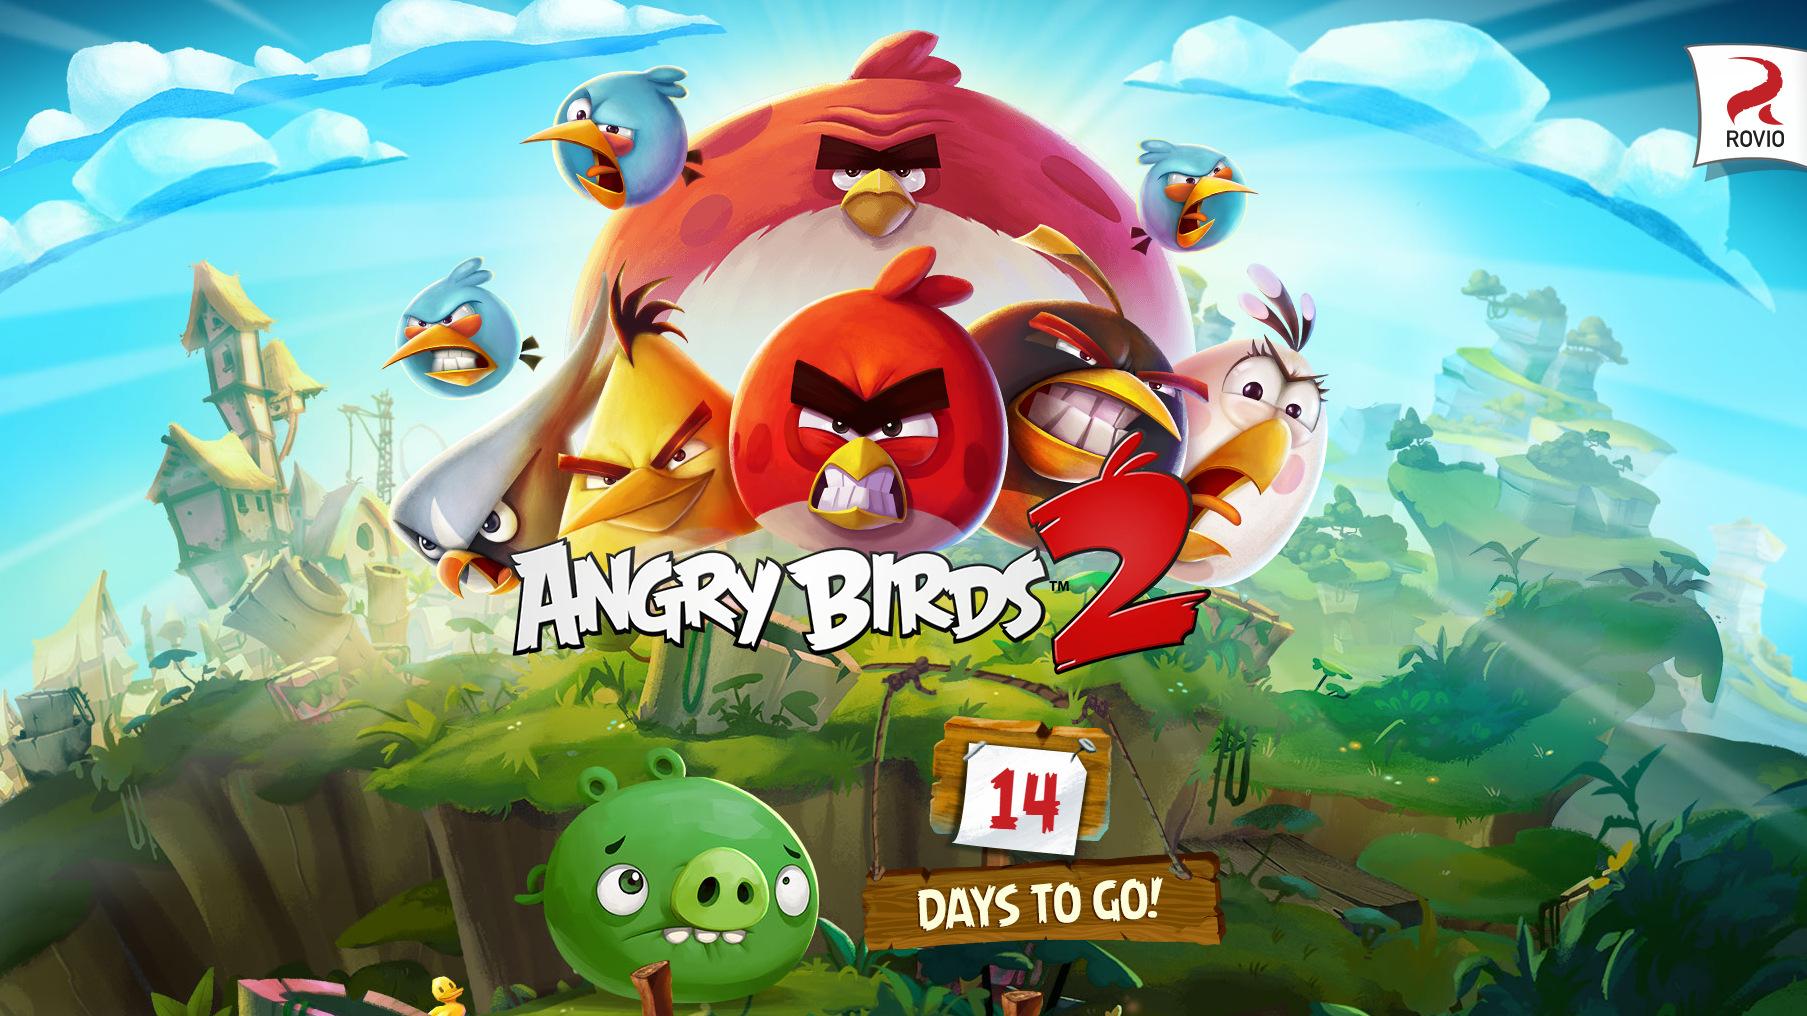 Rovio anuncia Angry Birds 2 que se lanza el 30 de julio en iOS y